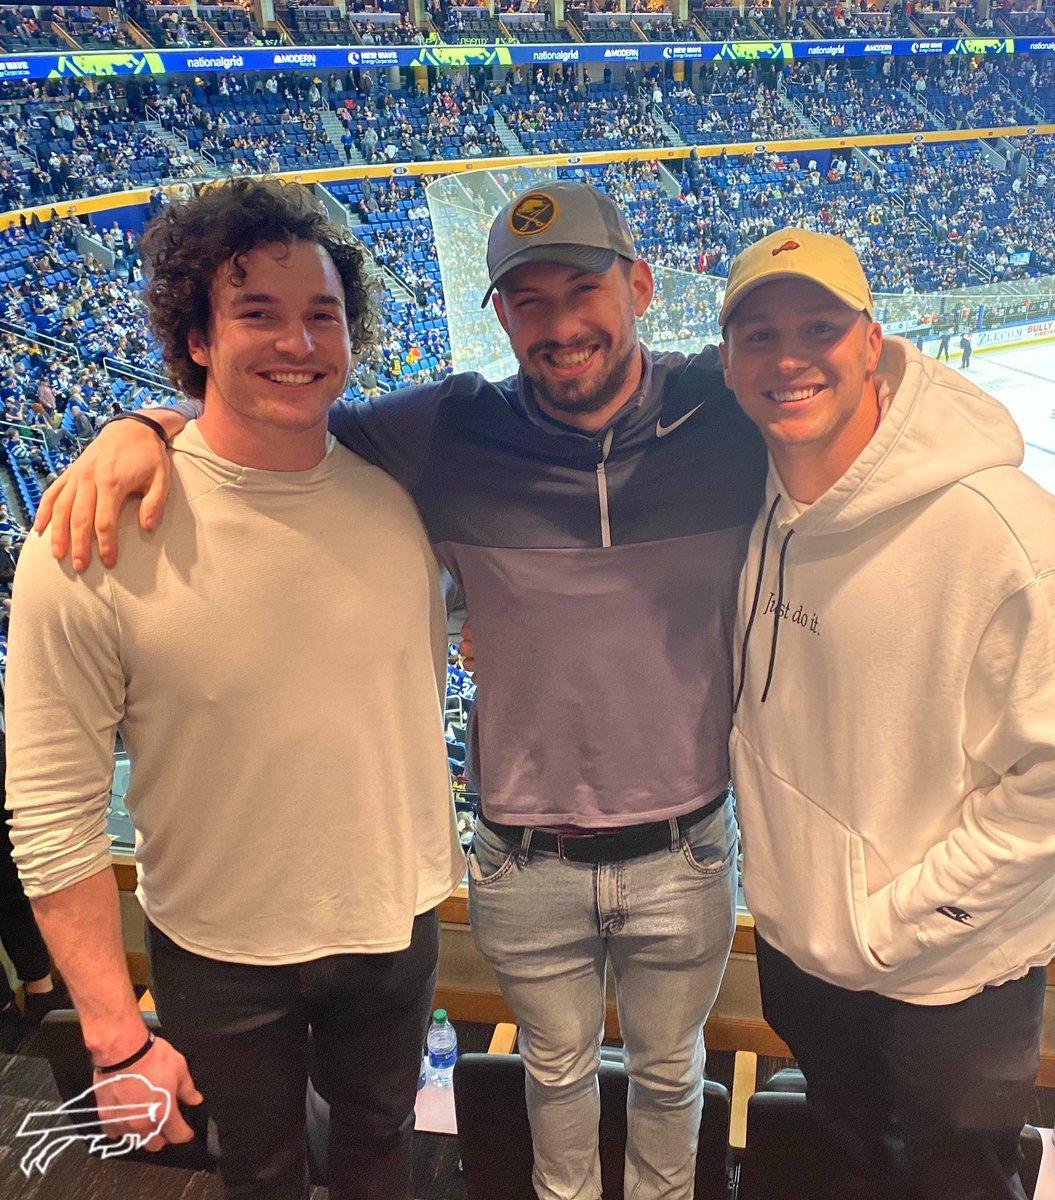 LOOK: Josh Allen, Buffalo Bills stack beer at Sabres game